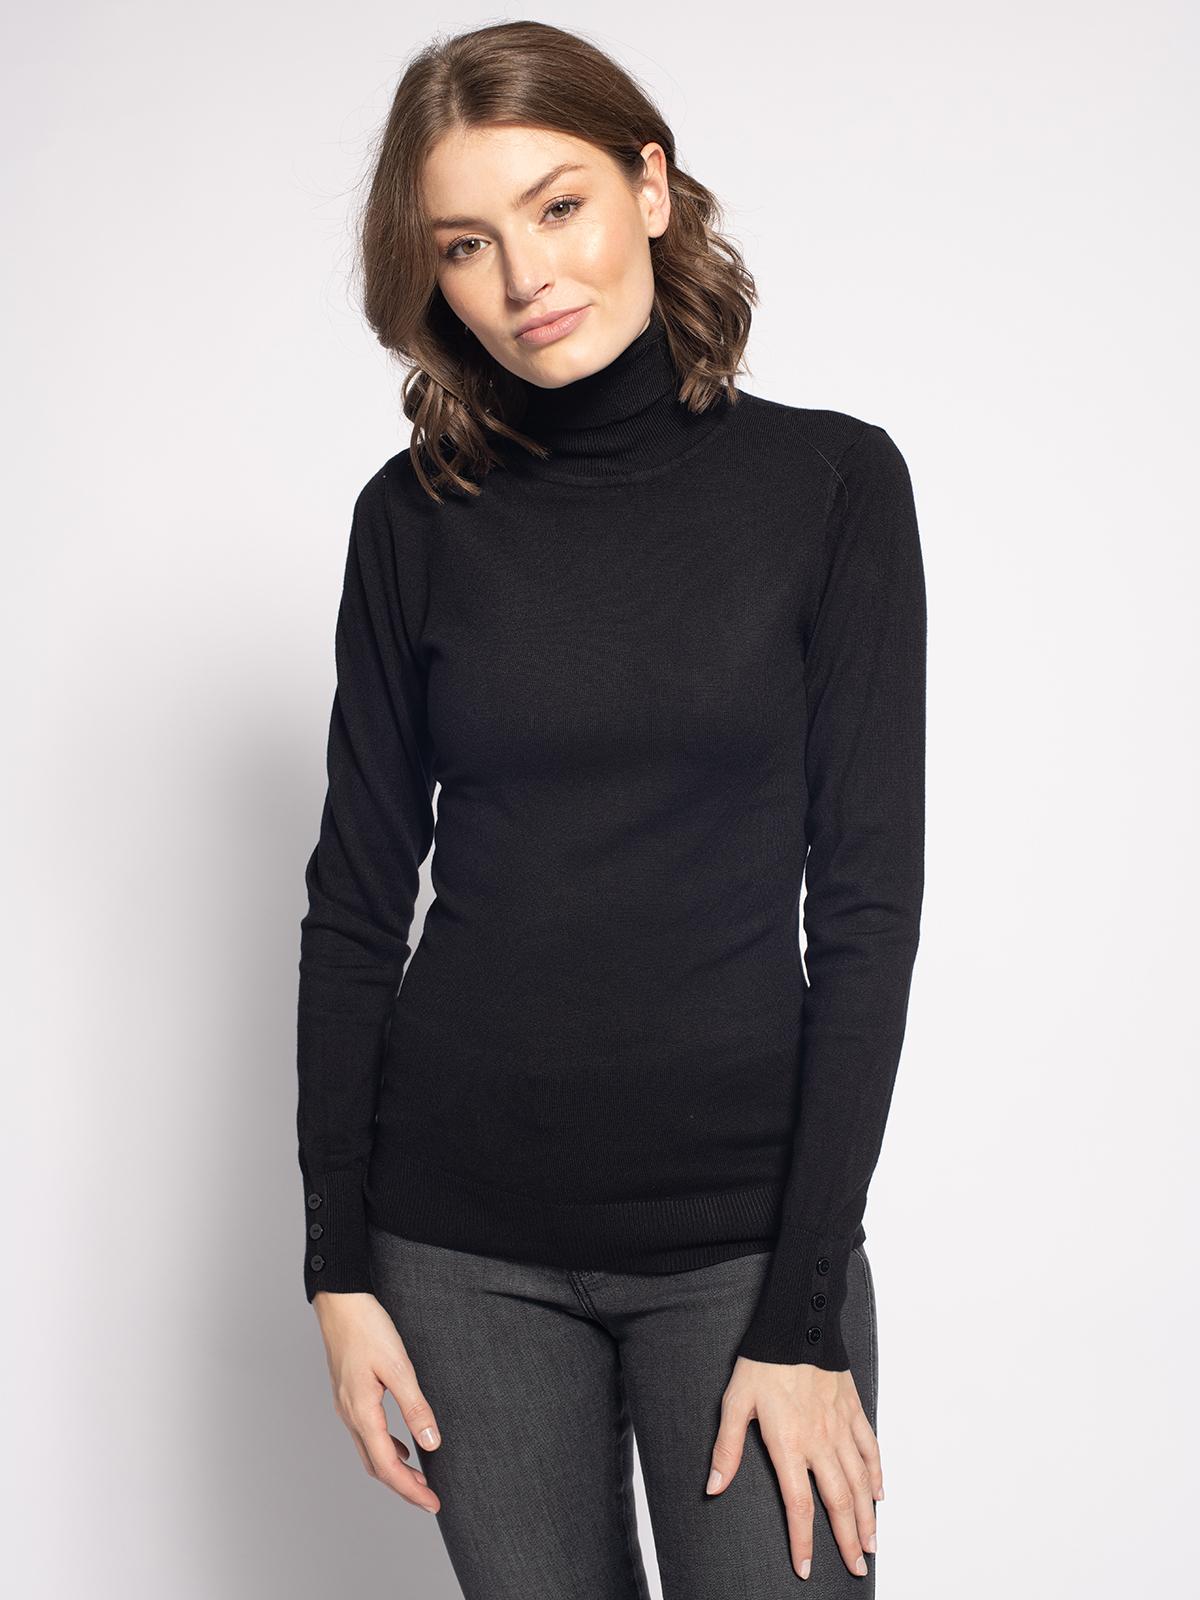 Mishumo Pullover in schwarz für Damen, Größe: XL